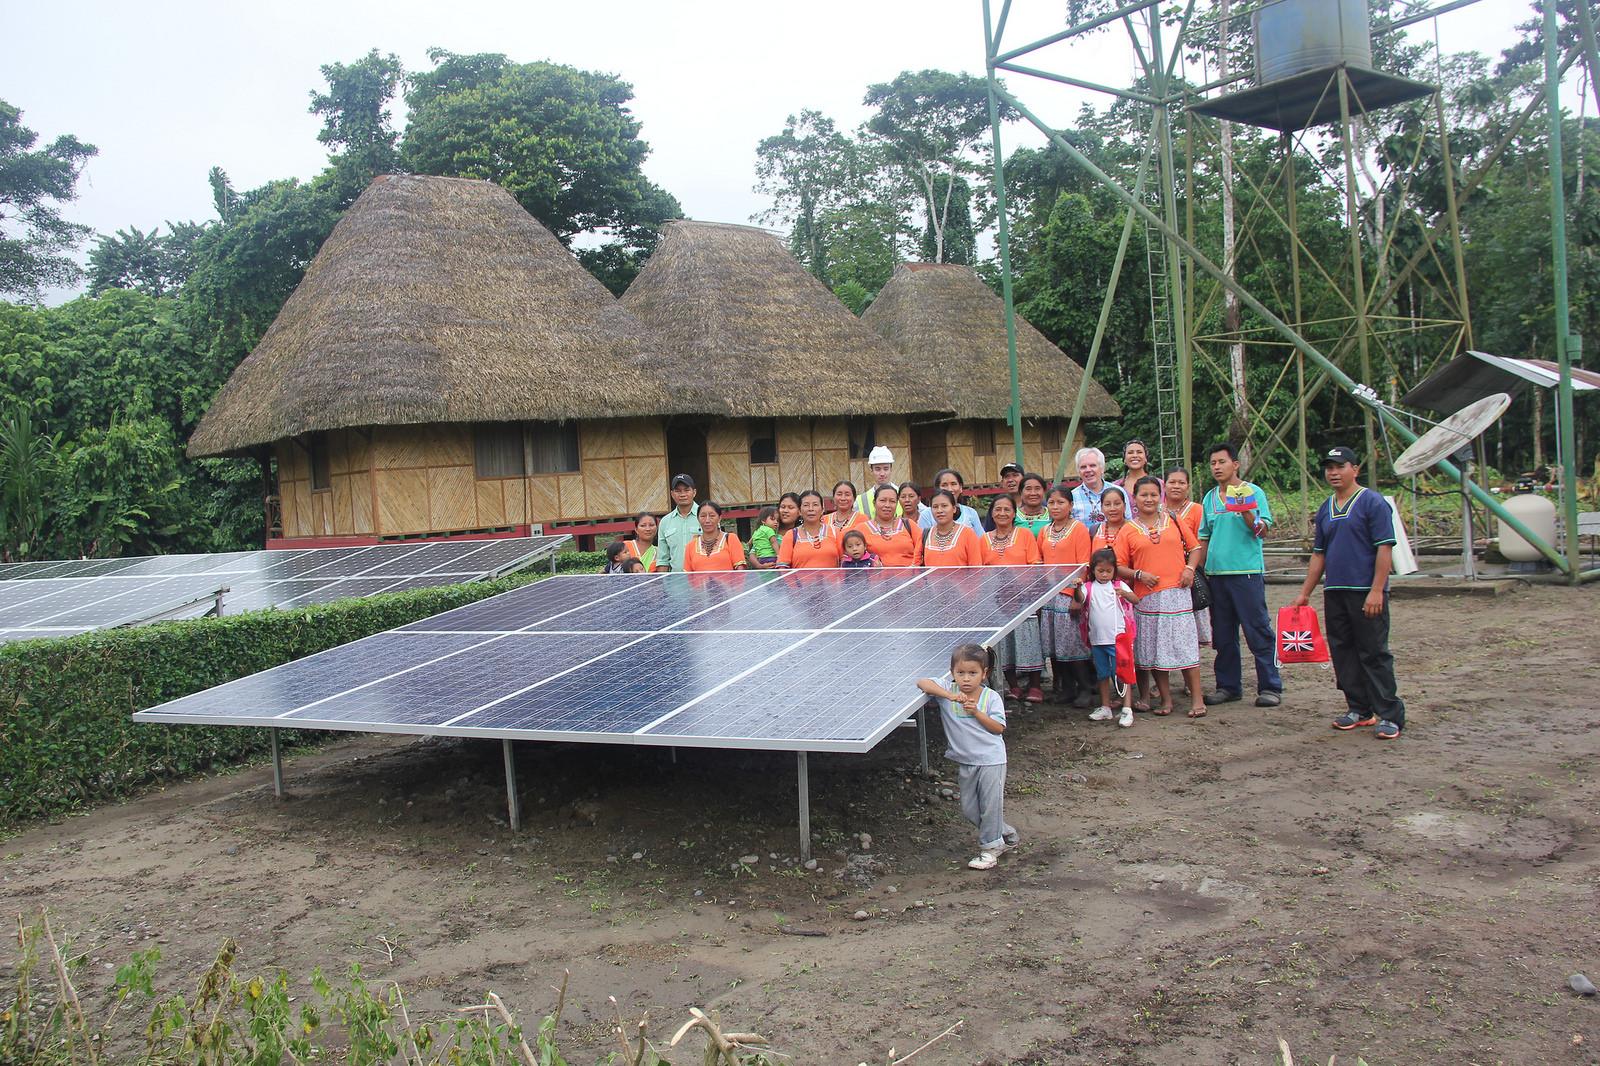 Peneles Solares